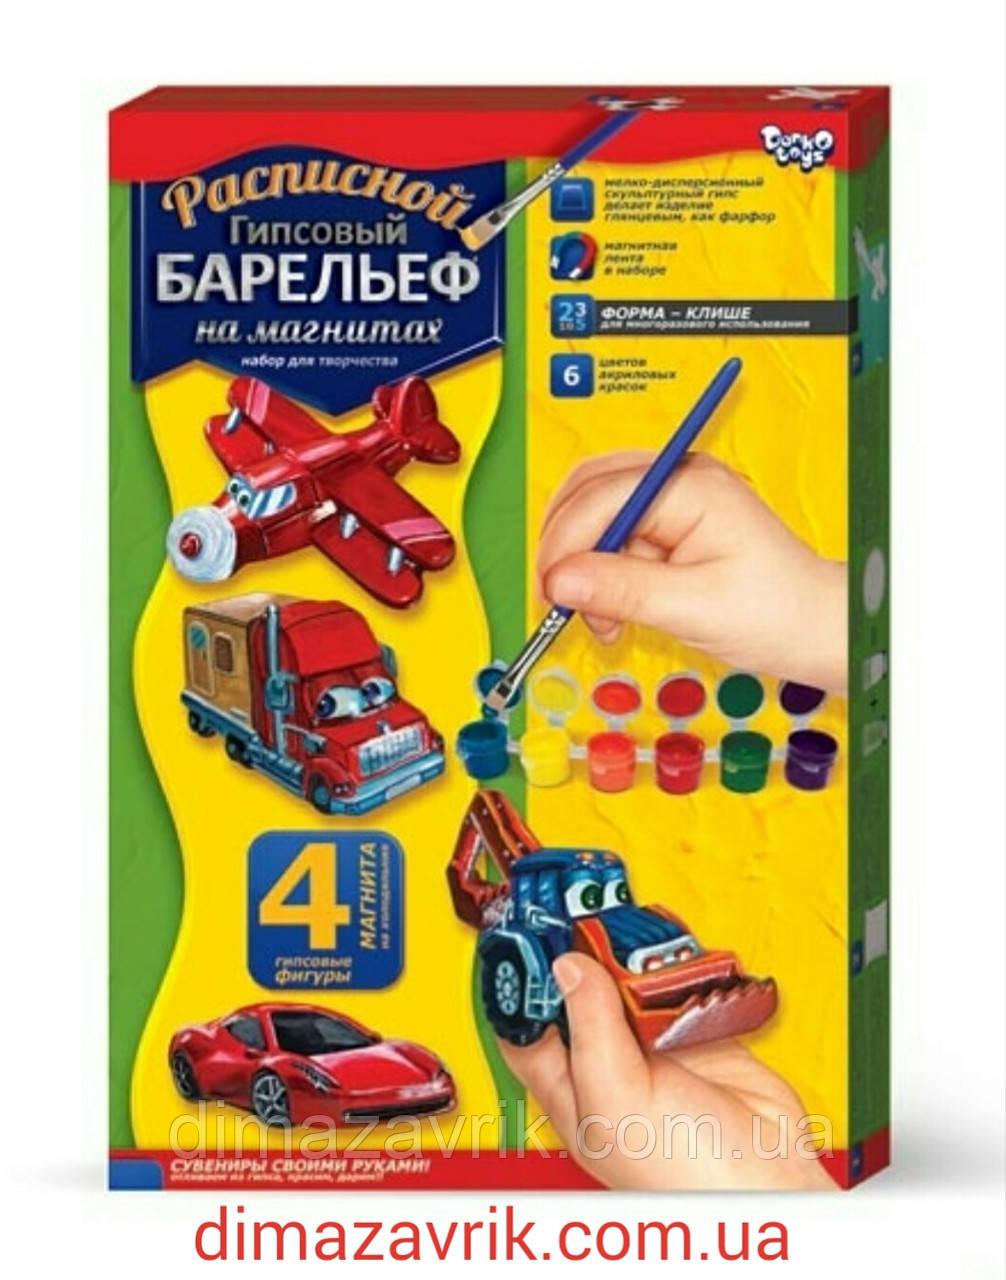 """Набор для творчества """"Расписной барельеф"""" маленький"""